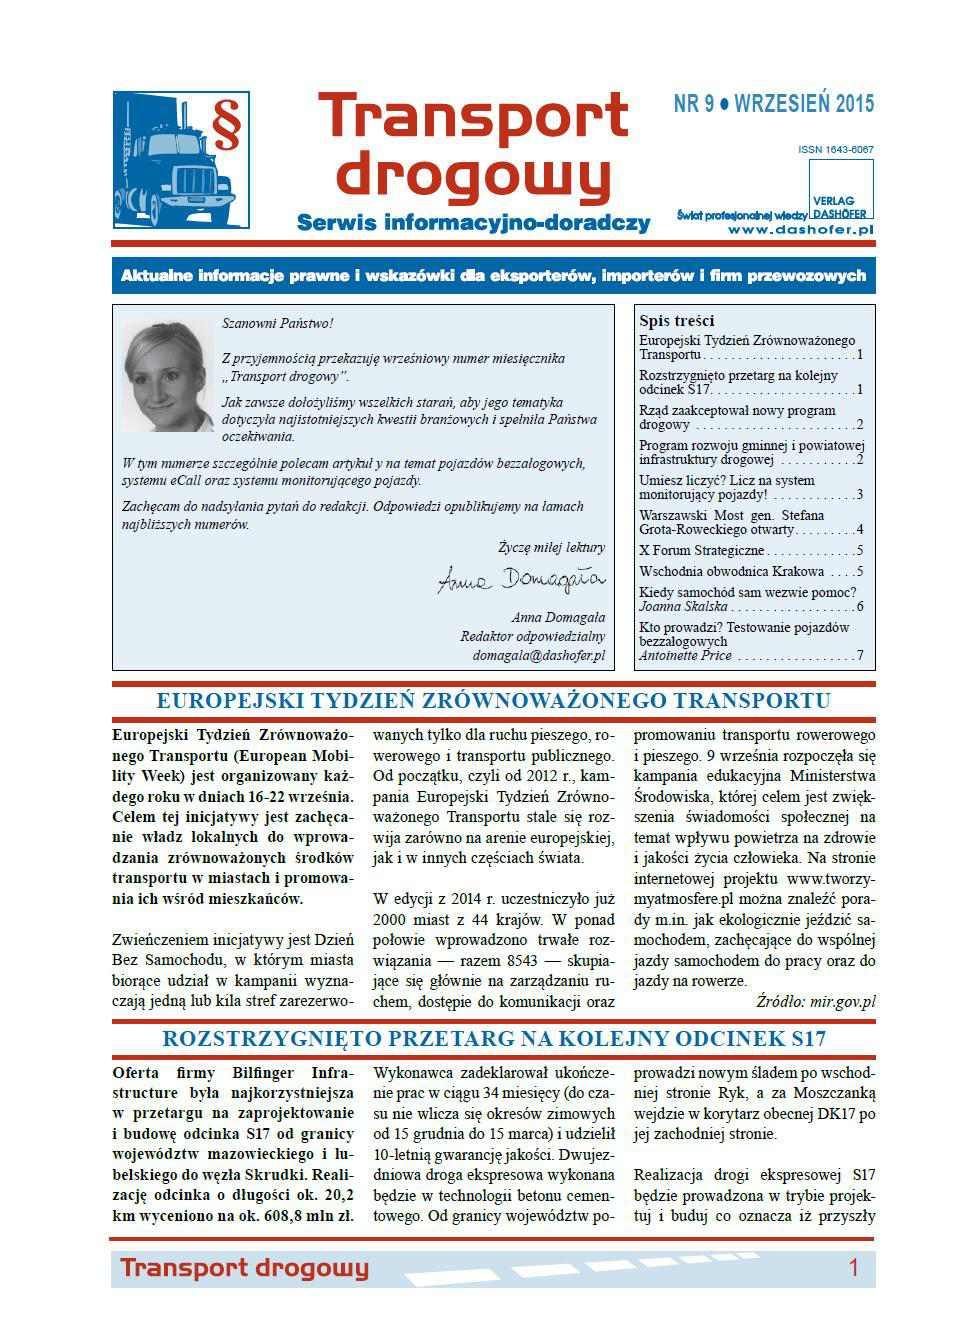 Transport drogowy. Aktualne informacje prawne i wskazówki dla eksporterów, importerów i firm przewozowych. Nr 9/2015 - Ebook (Książka PDF) do pobrania w formacie PDF